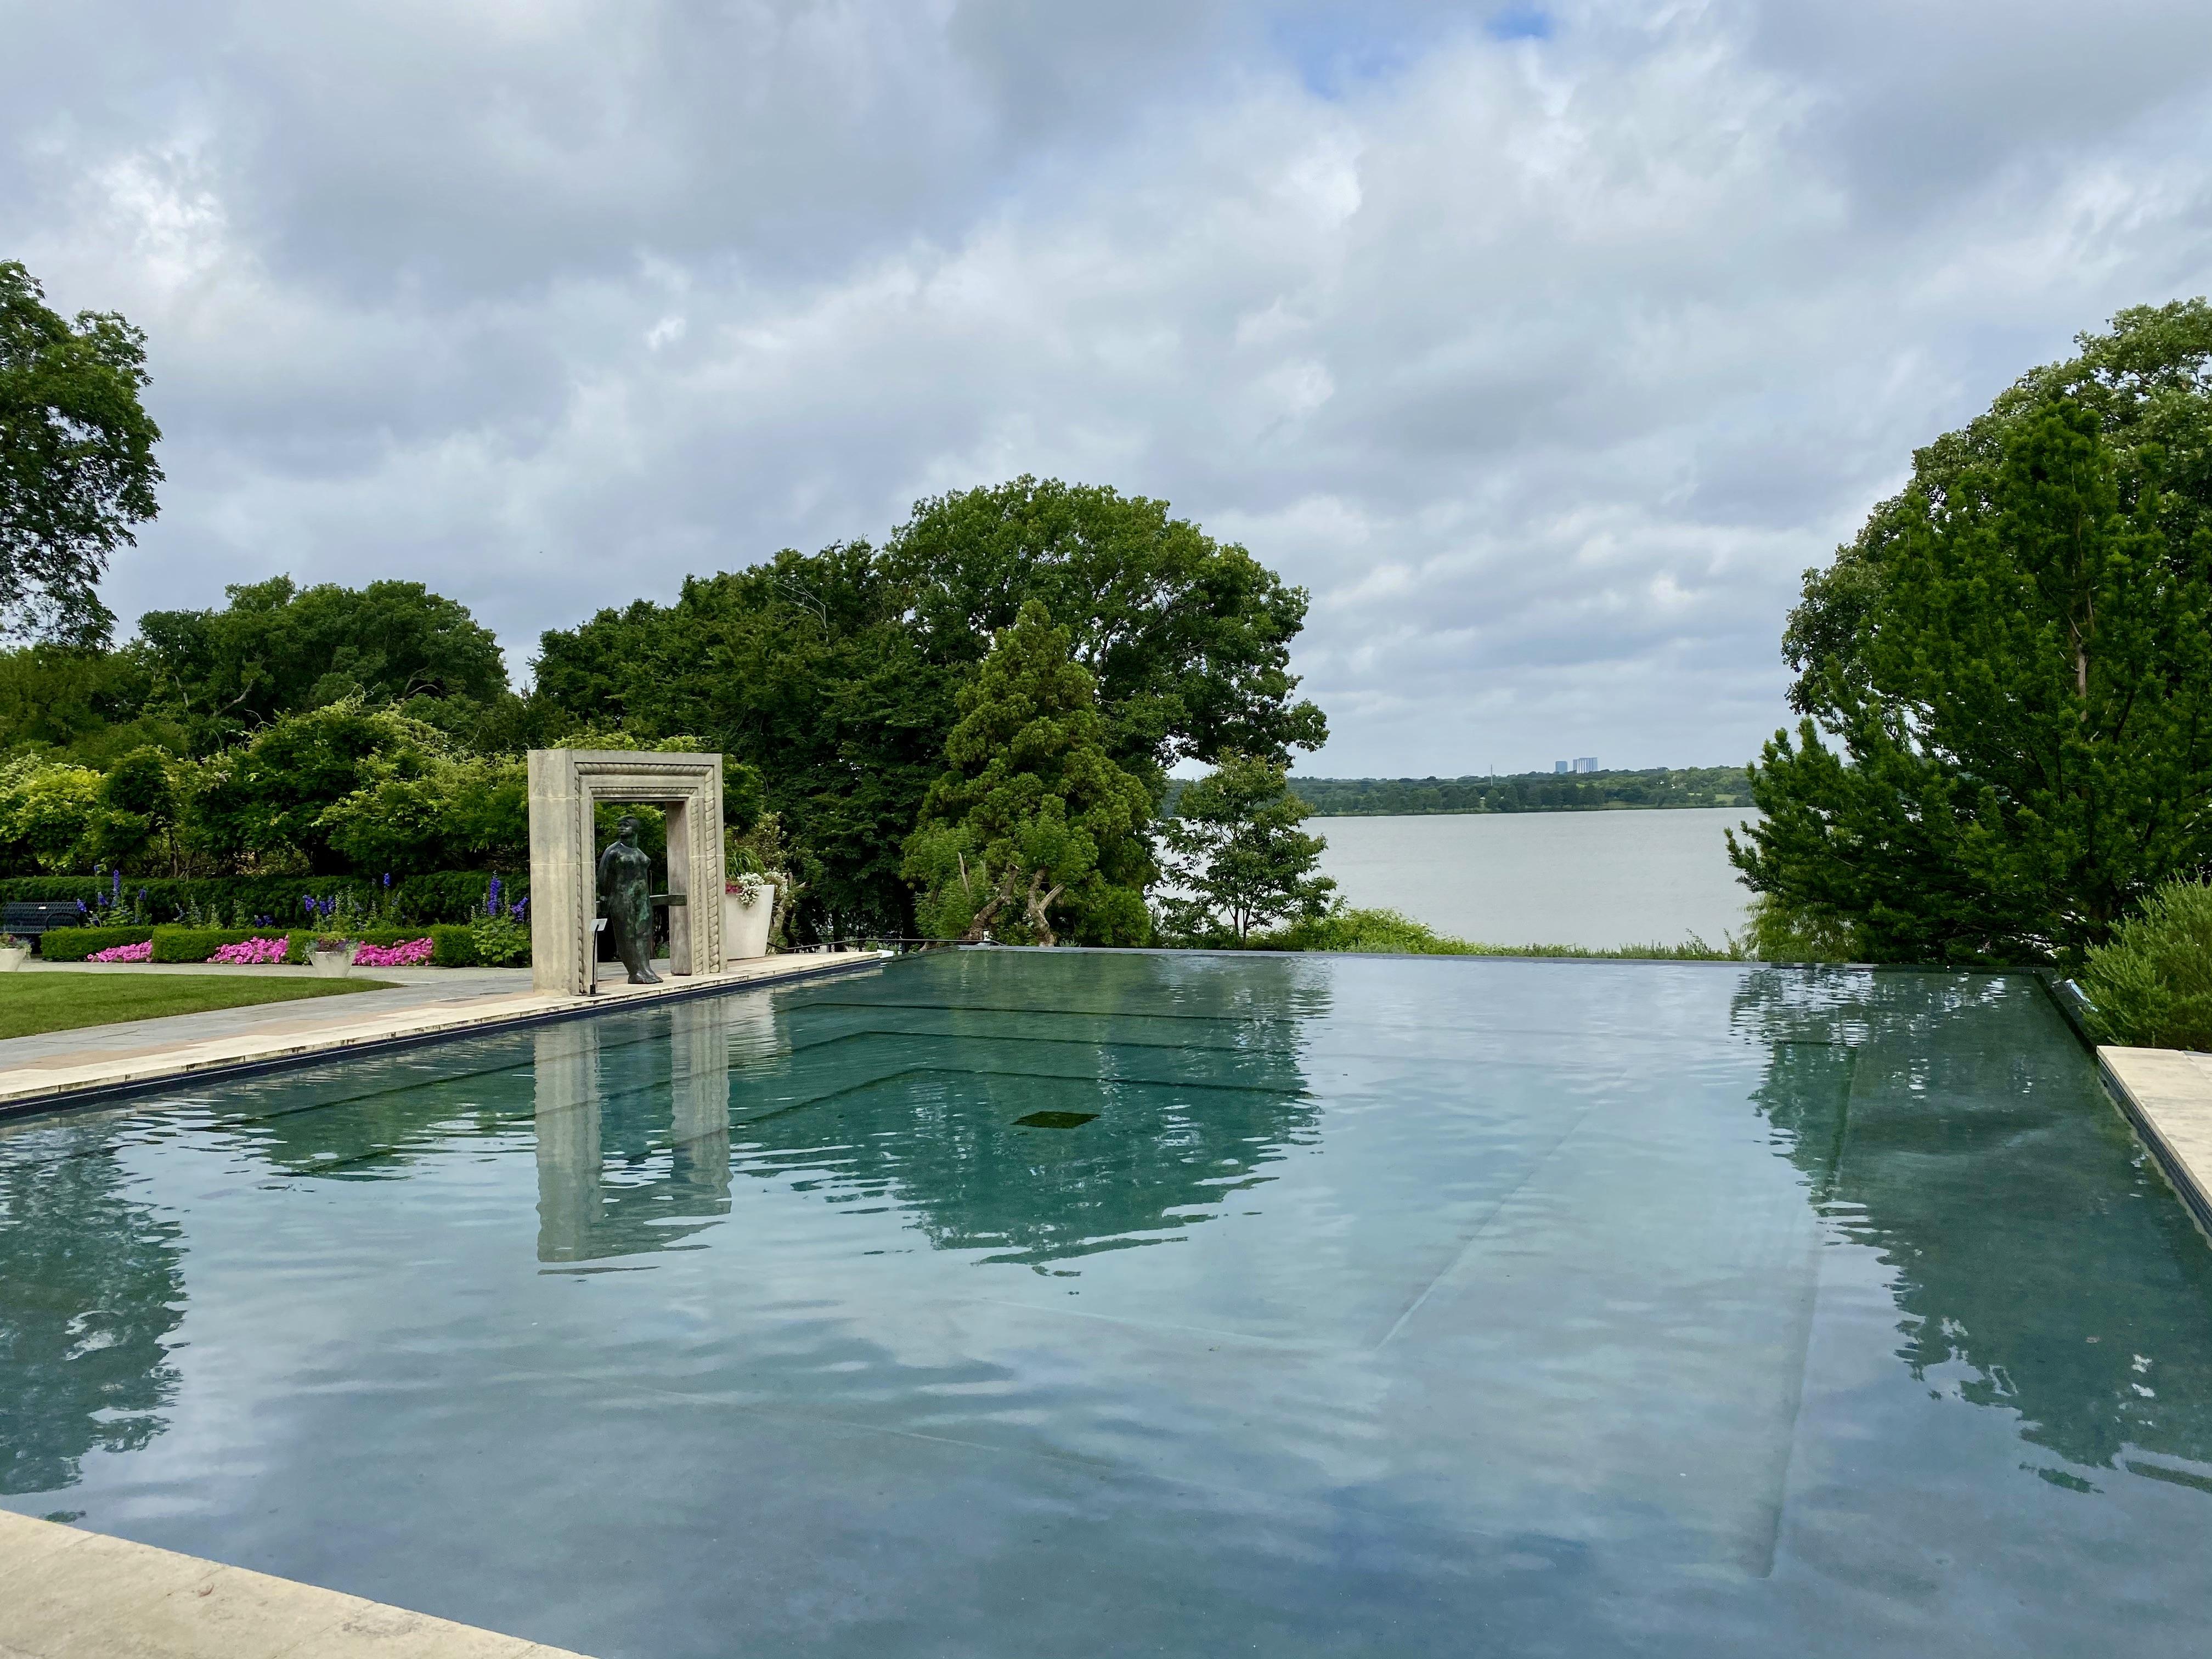 Dallas Arboretum Reflecting Pool